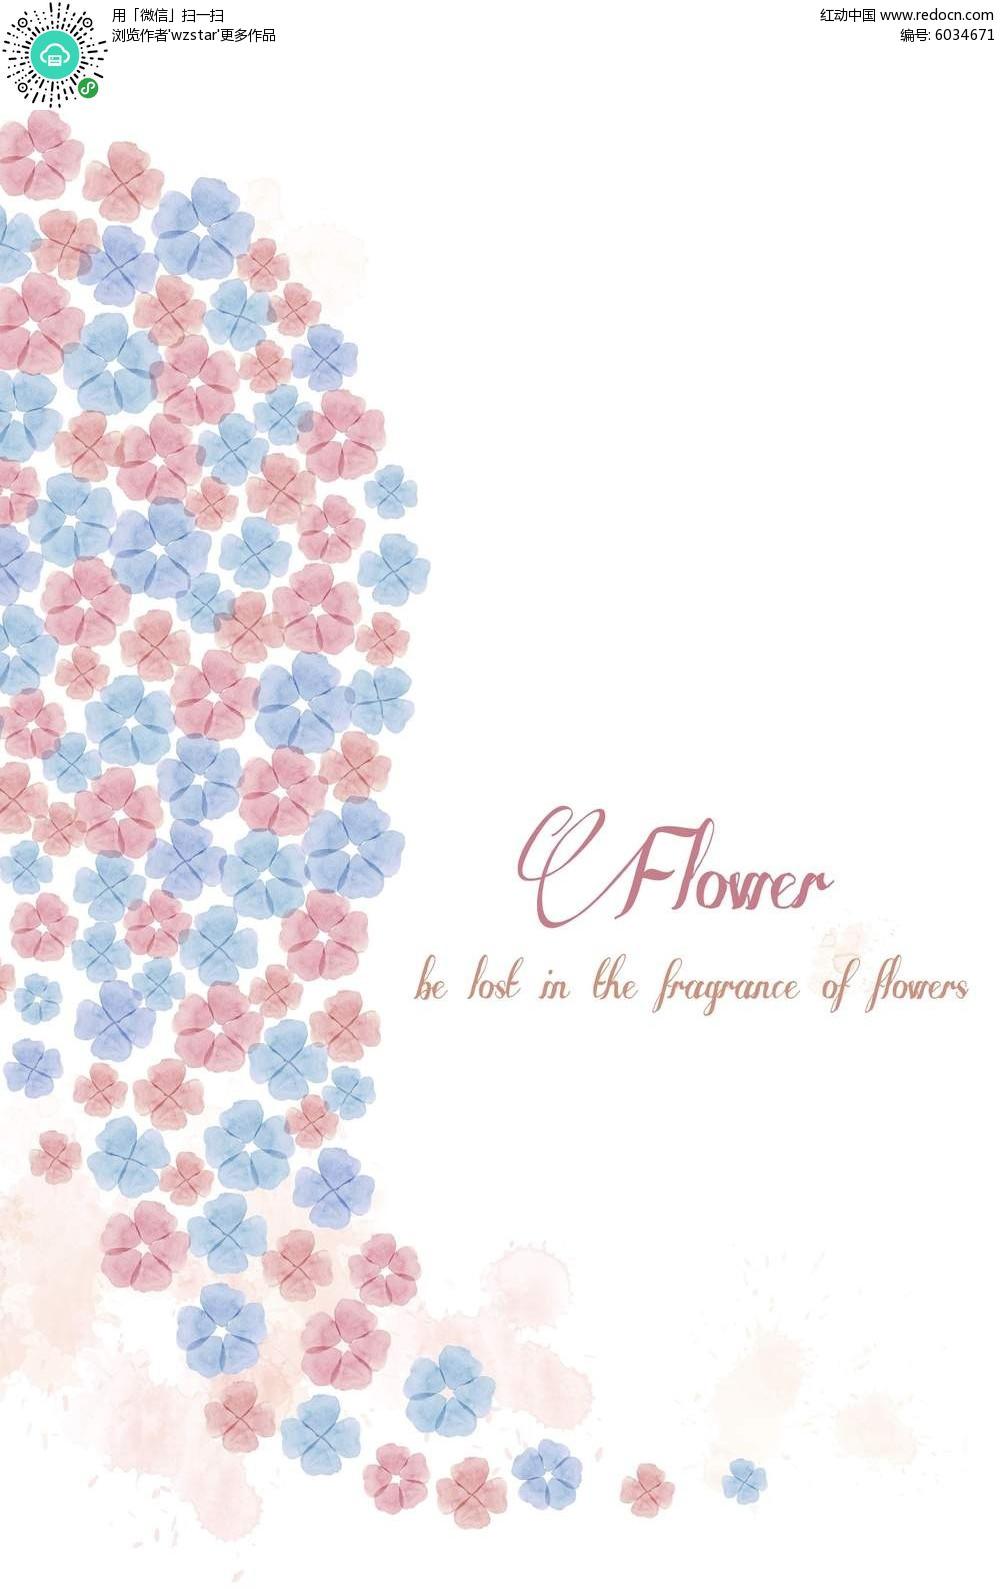 清新花卉贺卡封面设计